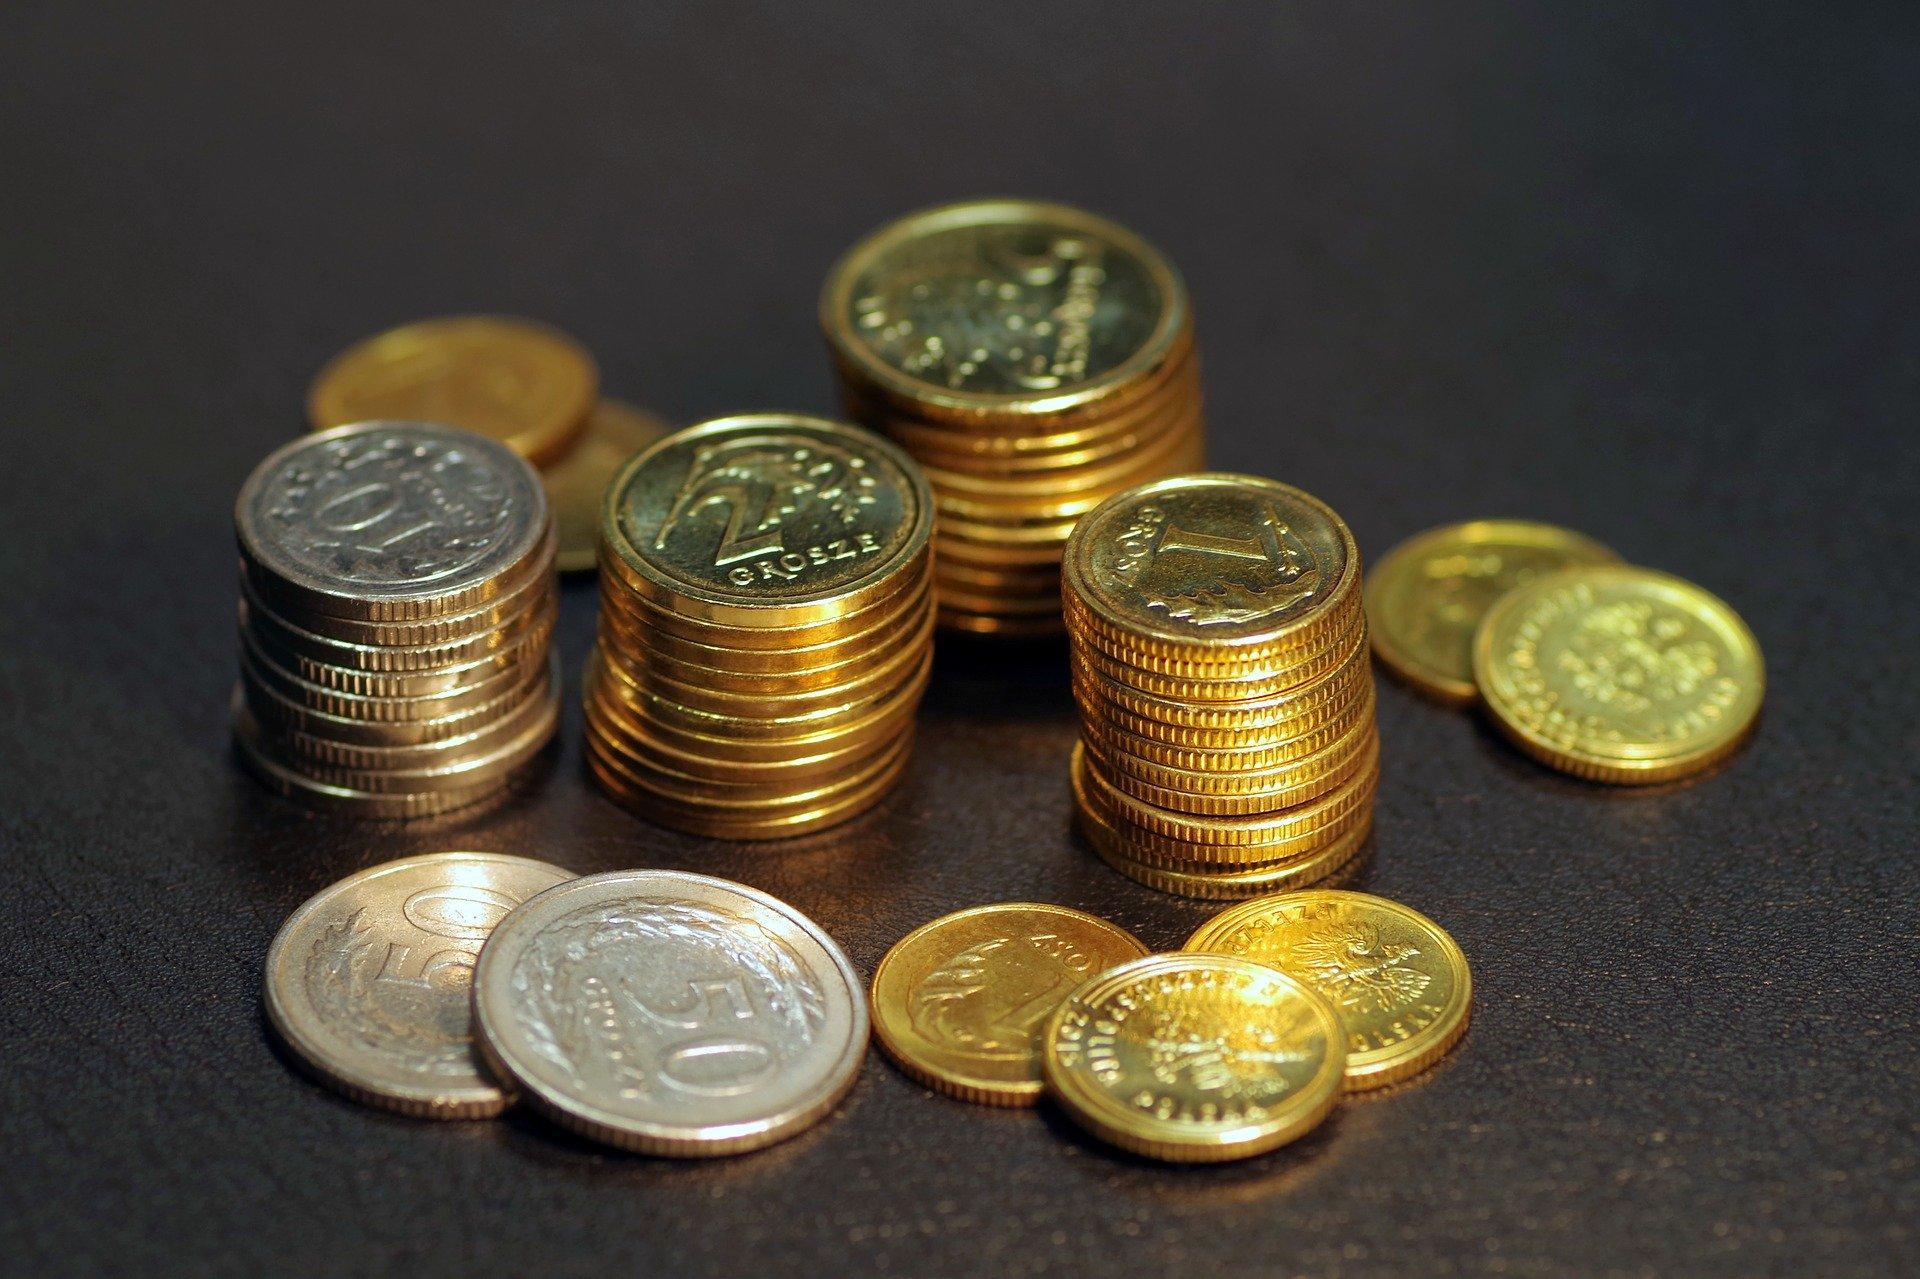 Vanguard un moyen pour générer de l'argent de chez soi